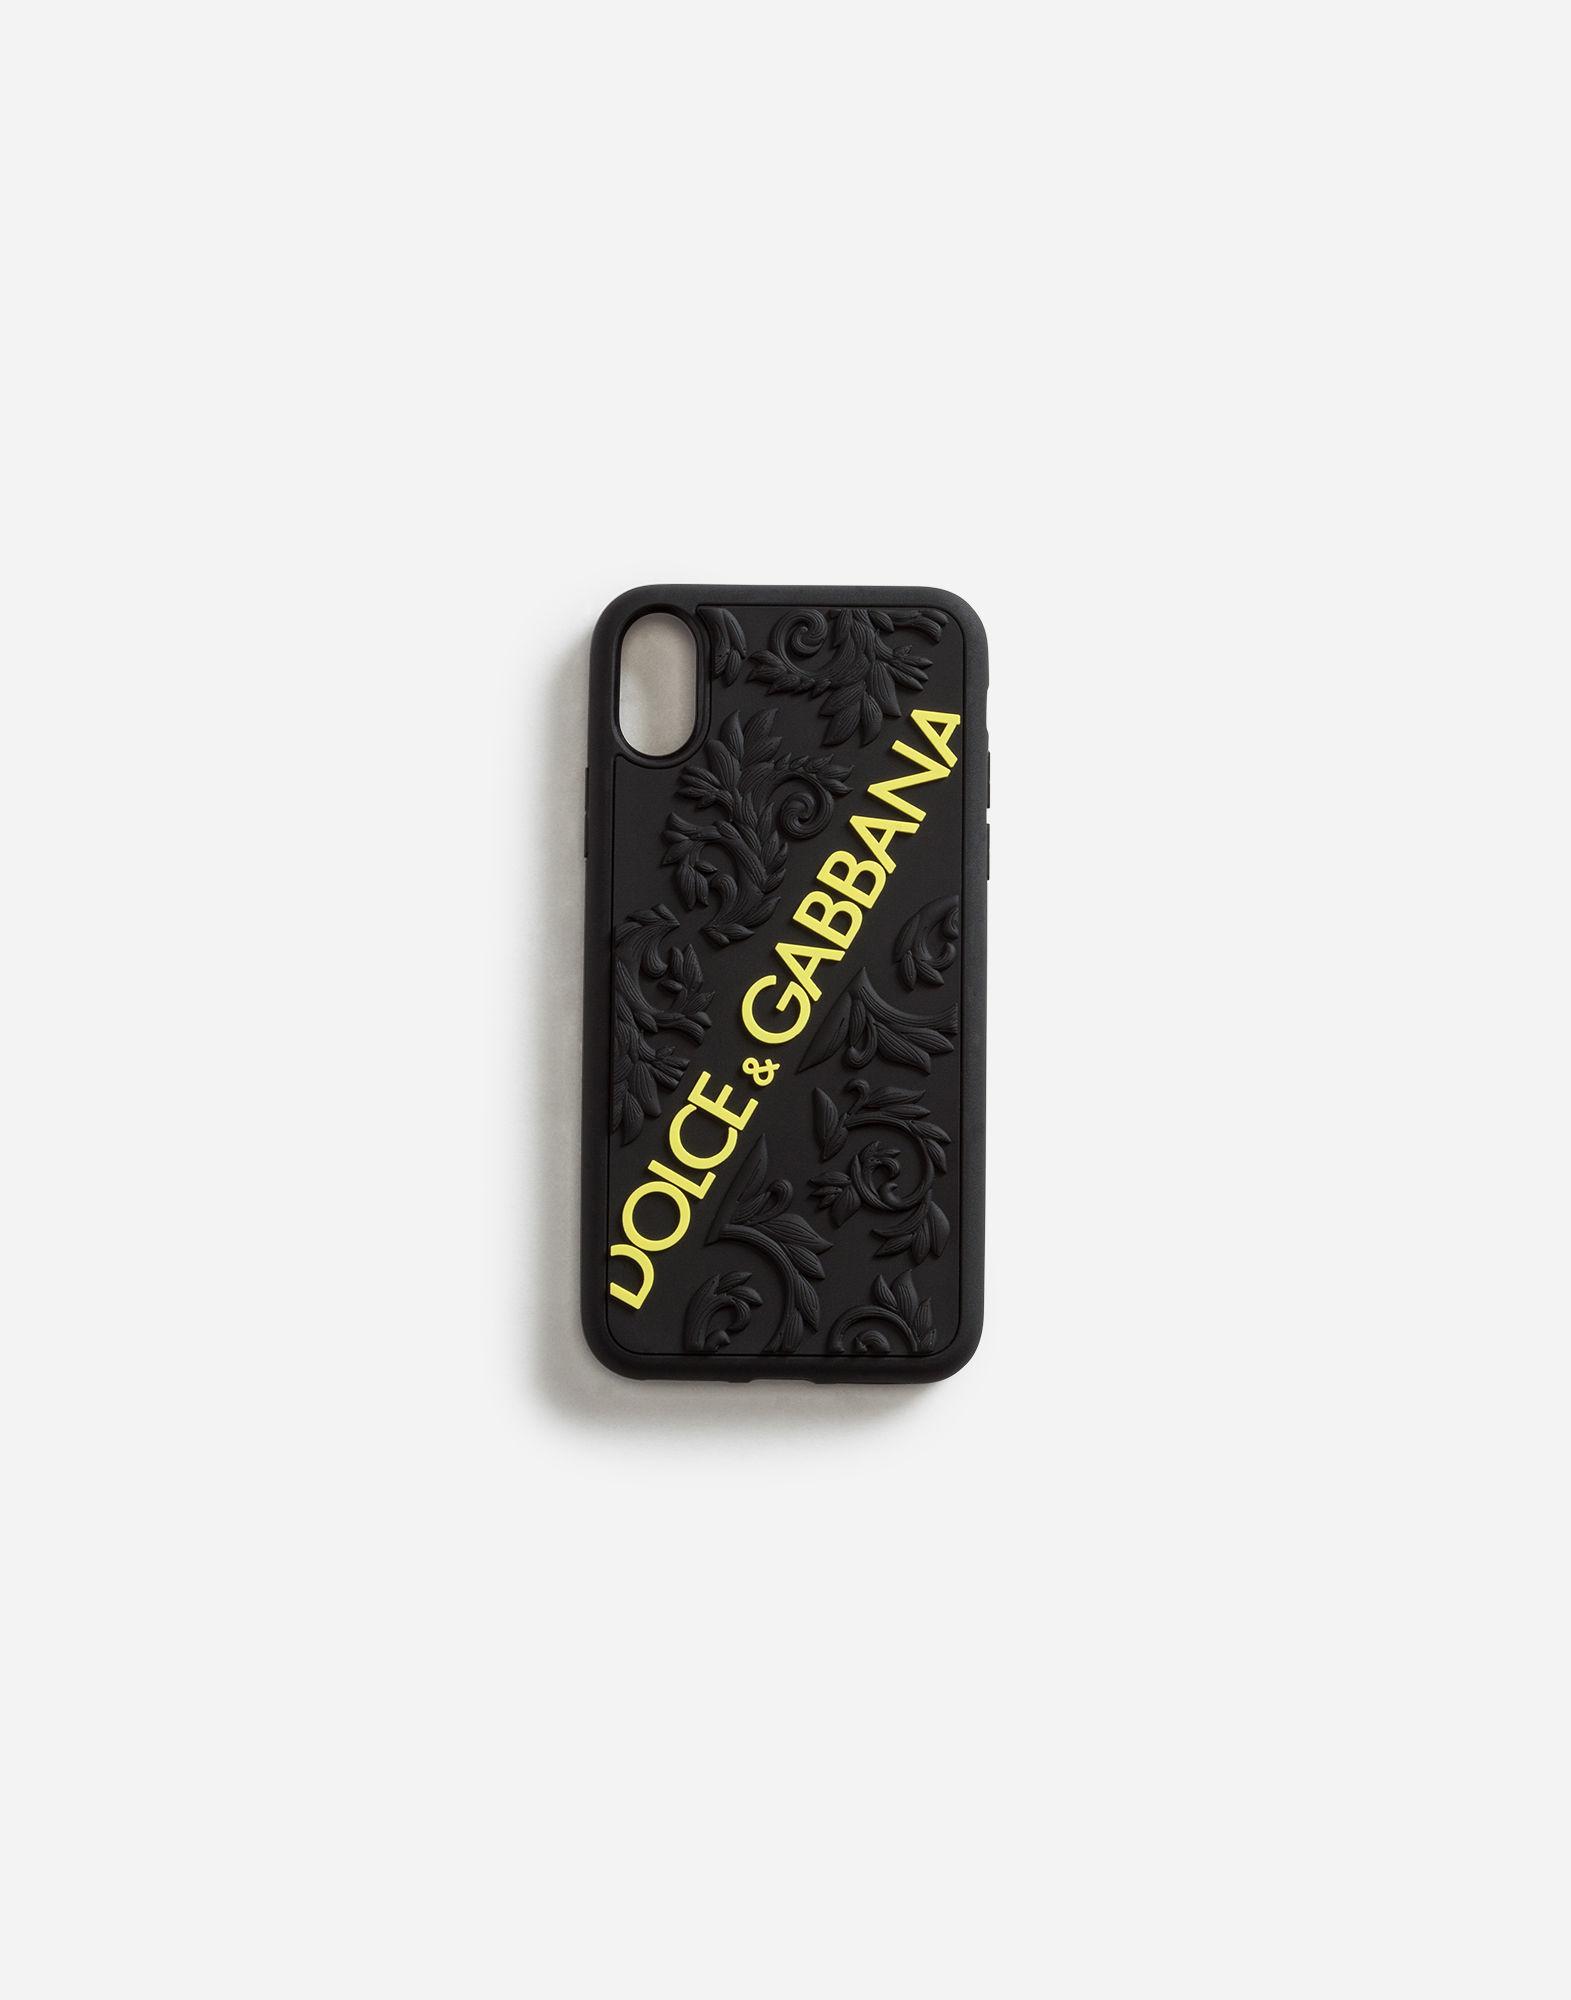 Dolce & Gabbana - Cover iphone x max in gomma con logo - Nero